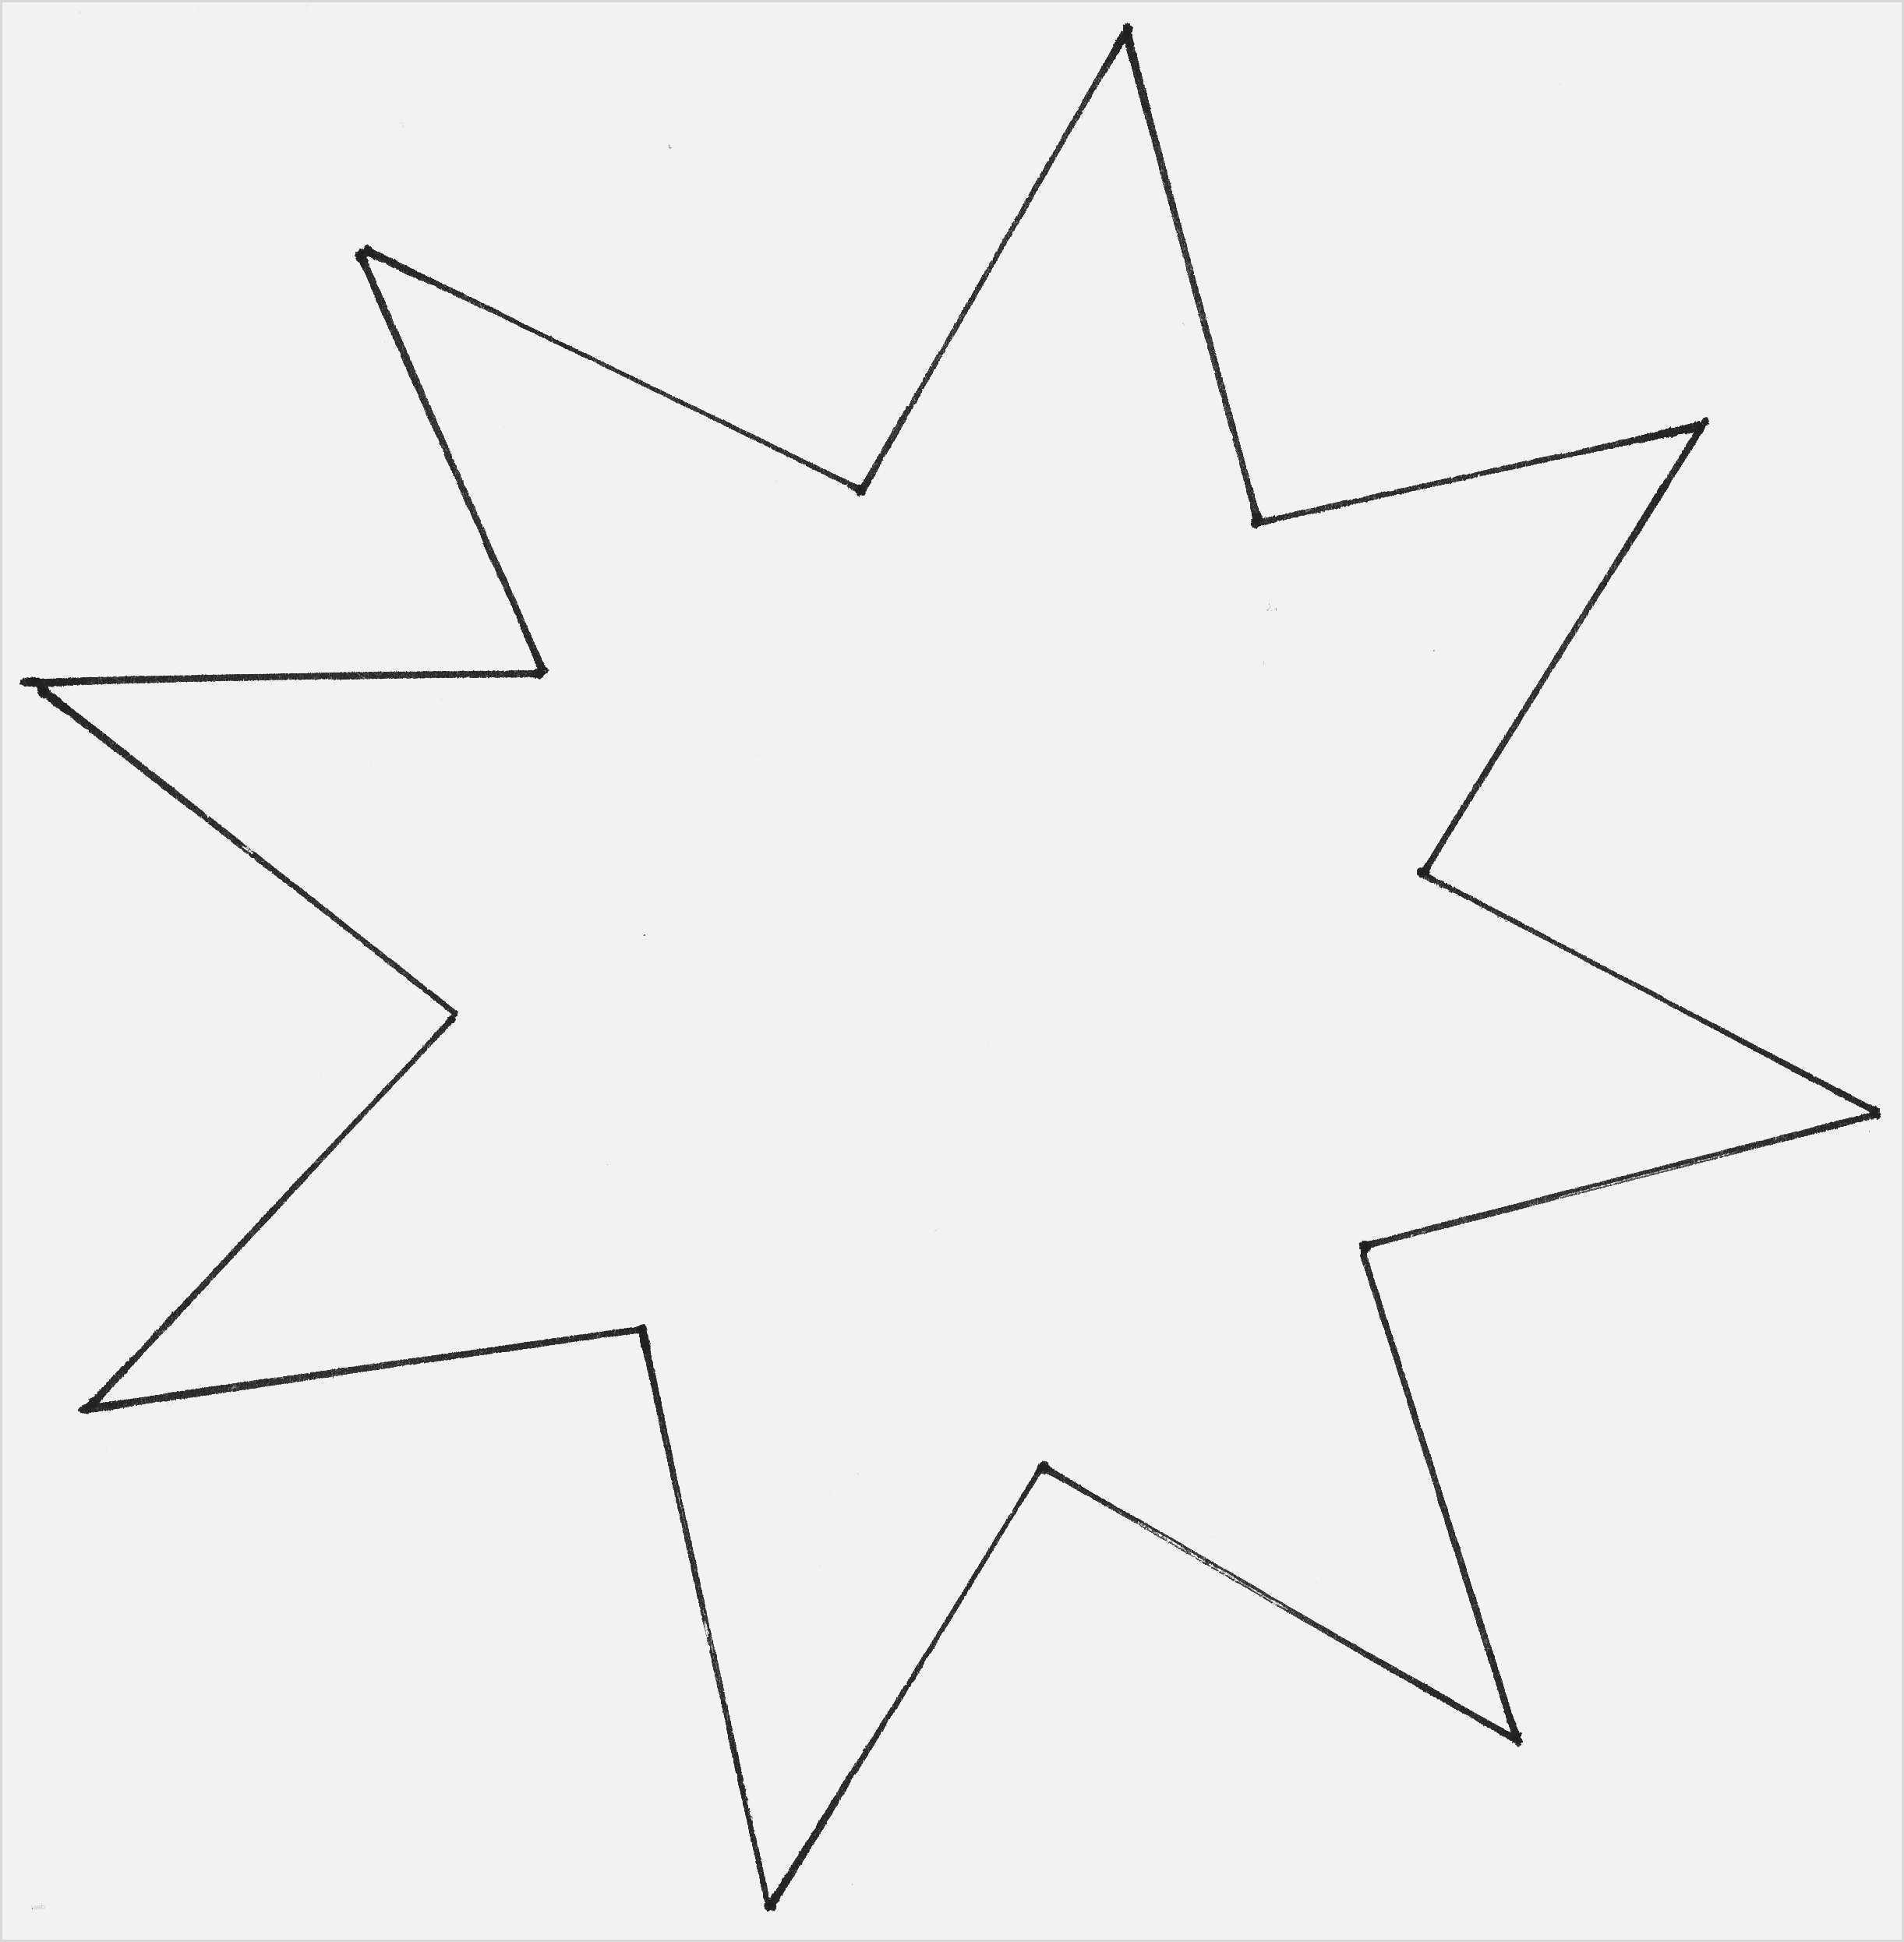 Stern Vorlage Zum Ausdrucken Schonste Kreativkafer Im Sternenfieber Within Druckvorlage Stern Cosmixpro Sterne Basteln Vorlage Malvorlage Stern Vorlage Stern